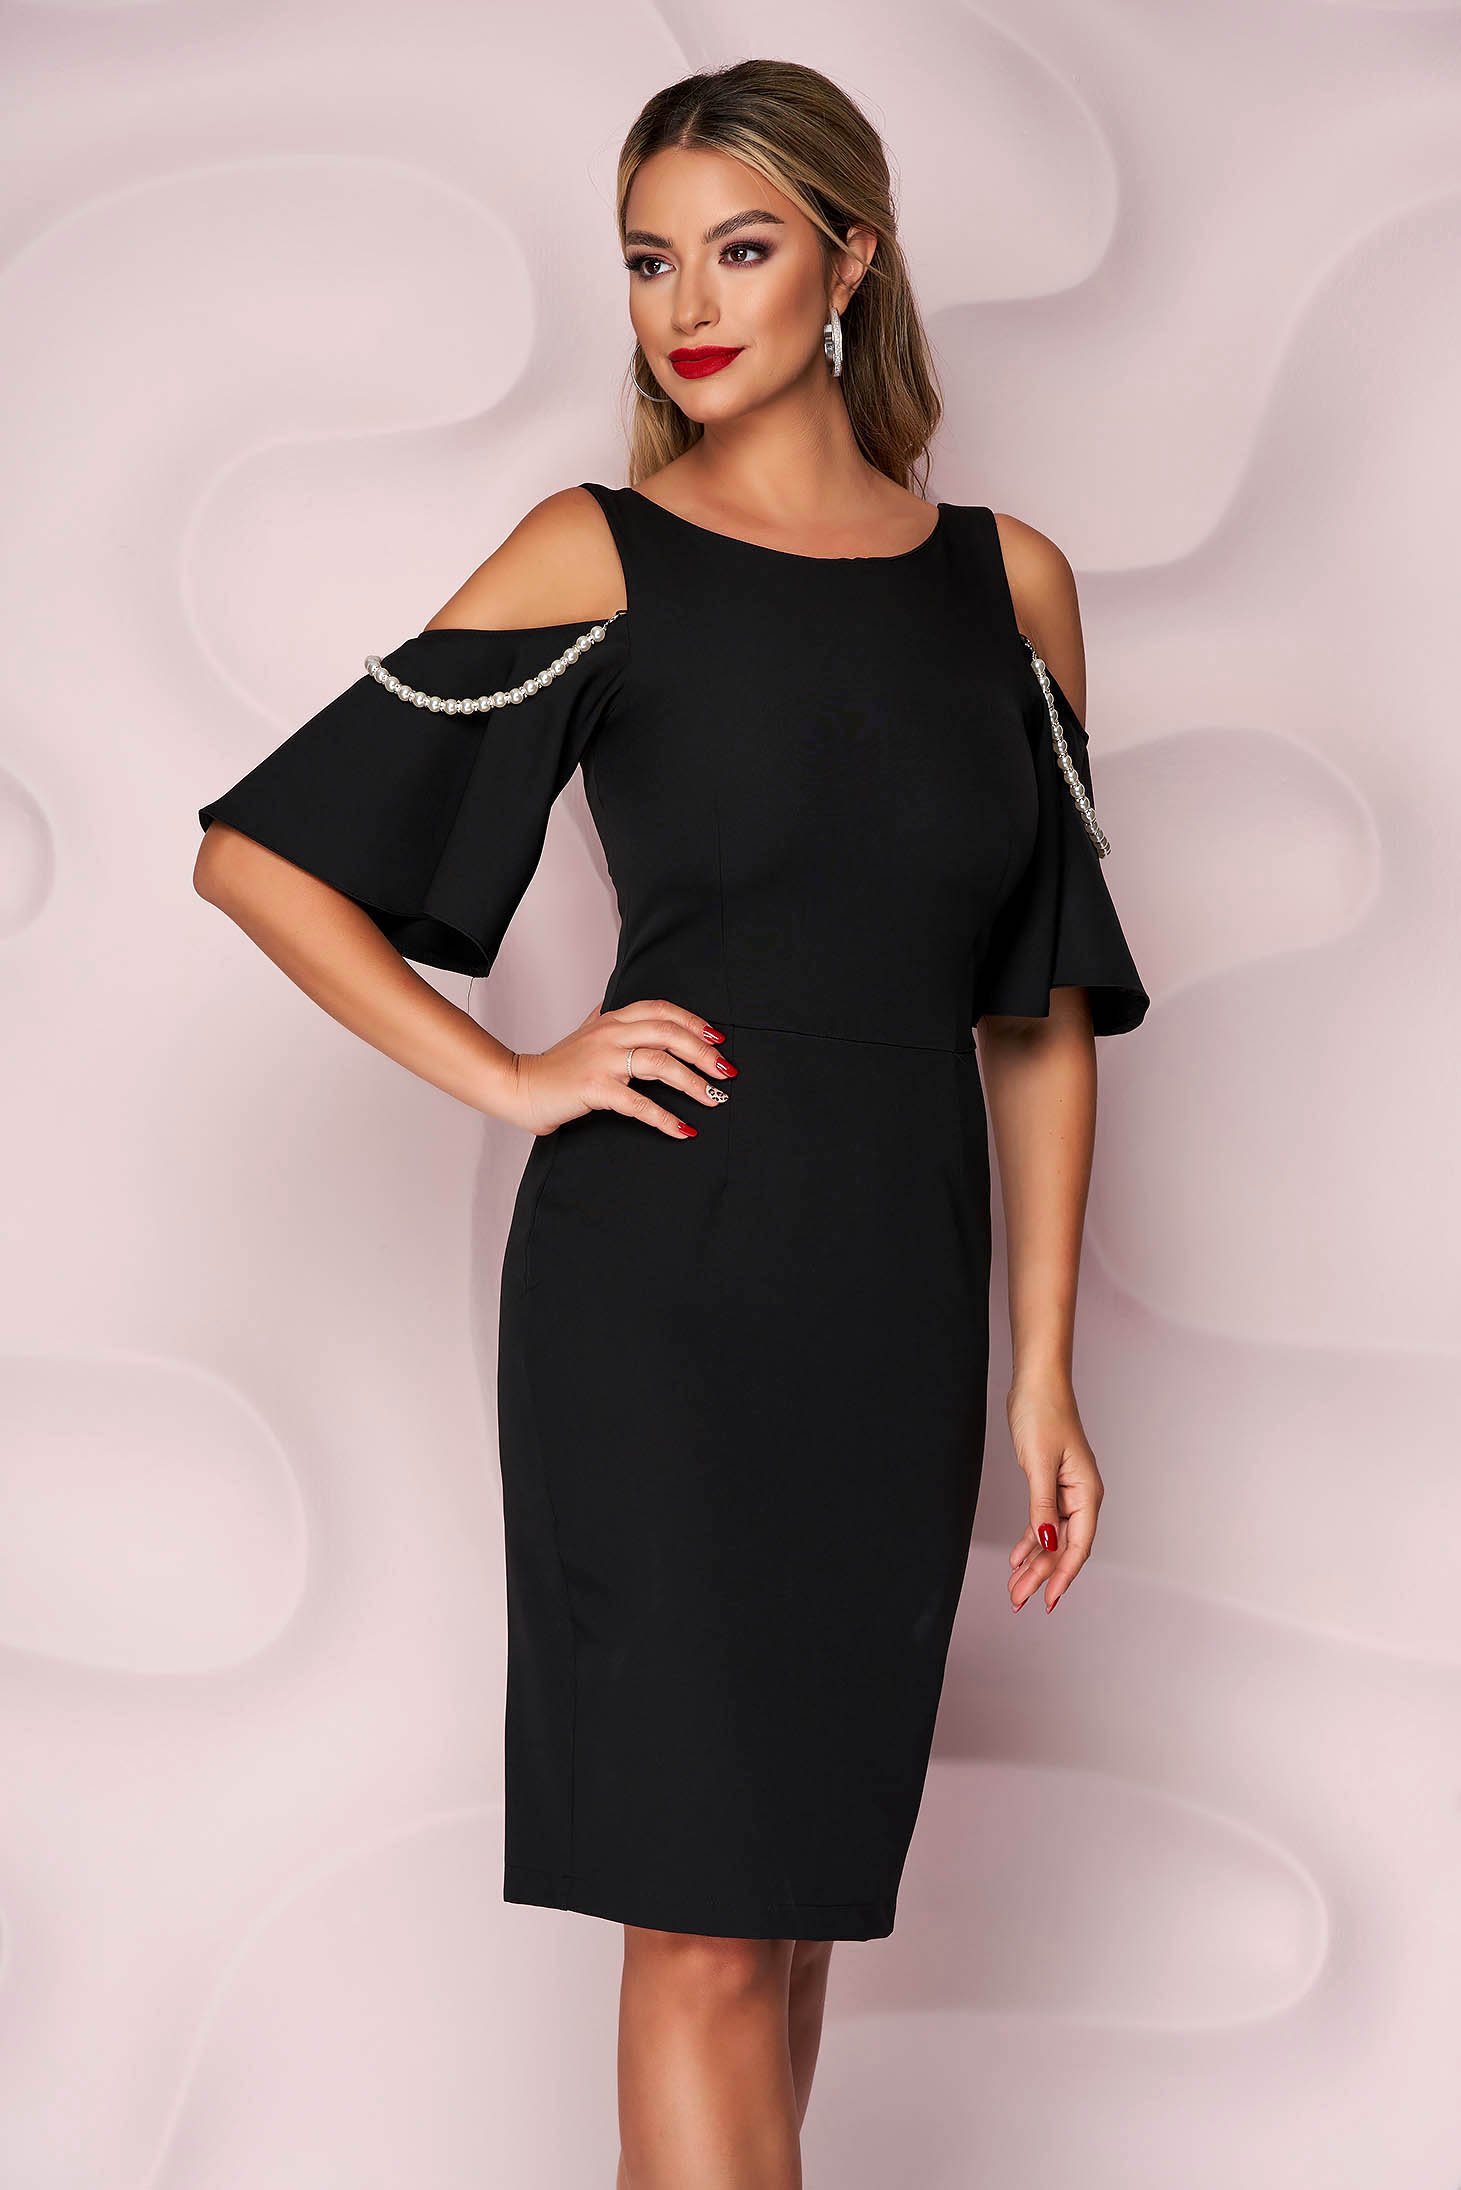 Rochie StarShinerS neagra eleganta cu umeri decupati cu aplicatii cu perle